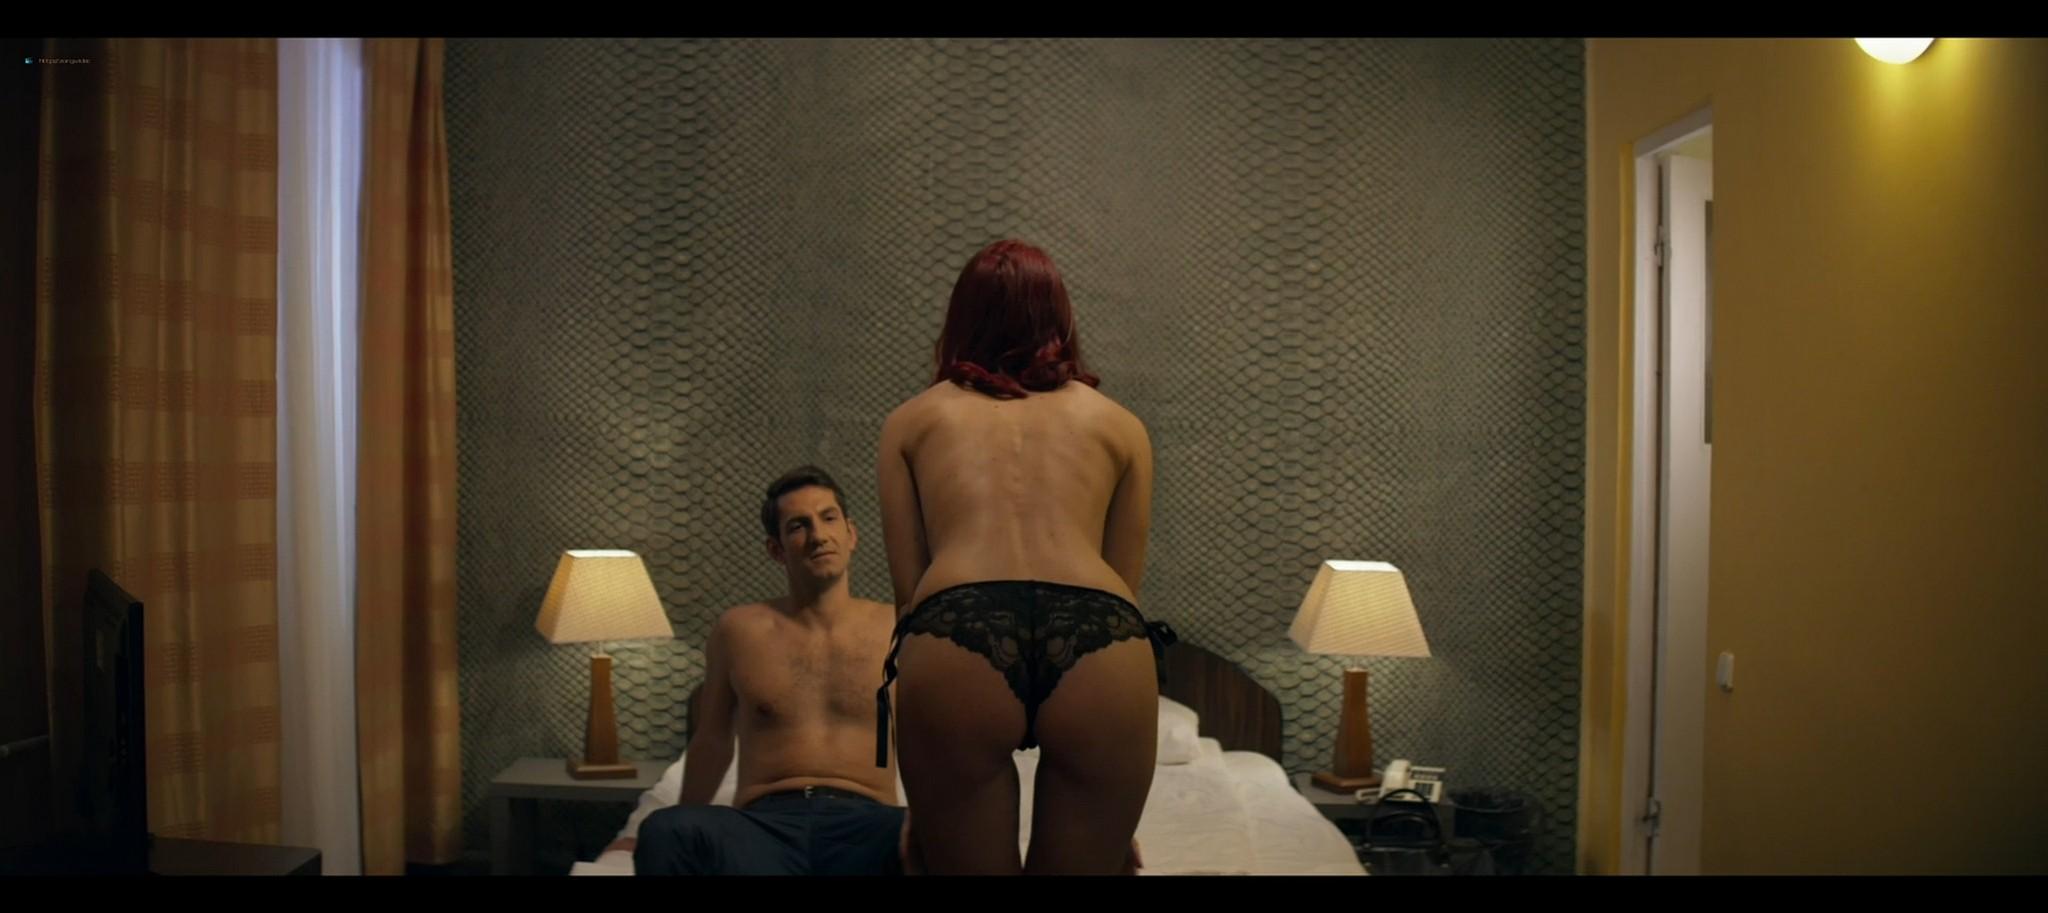 Michelle J Wright nude and sex Gabriela Brinza nude sex Introspectum Motel 2021 1080p Web 2